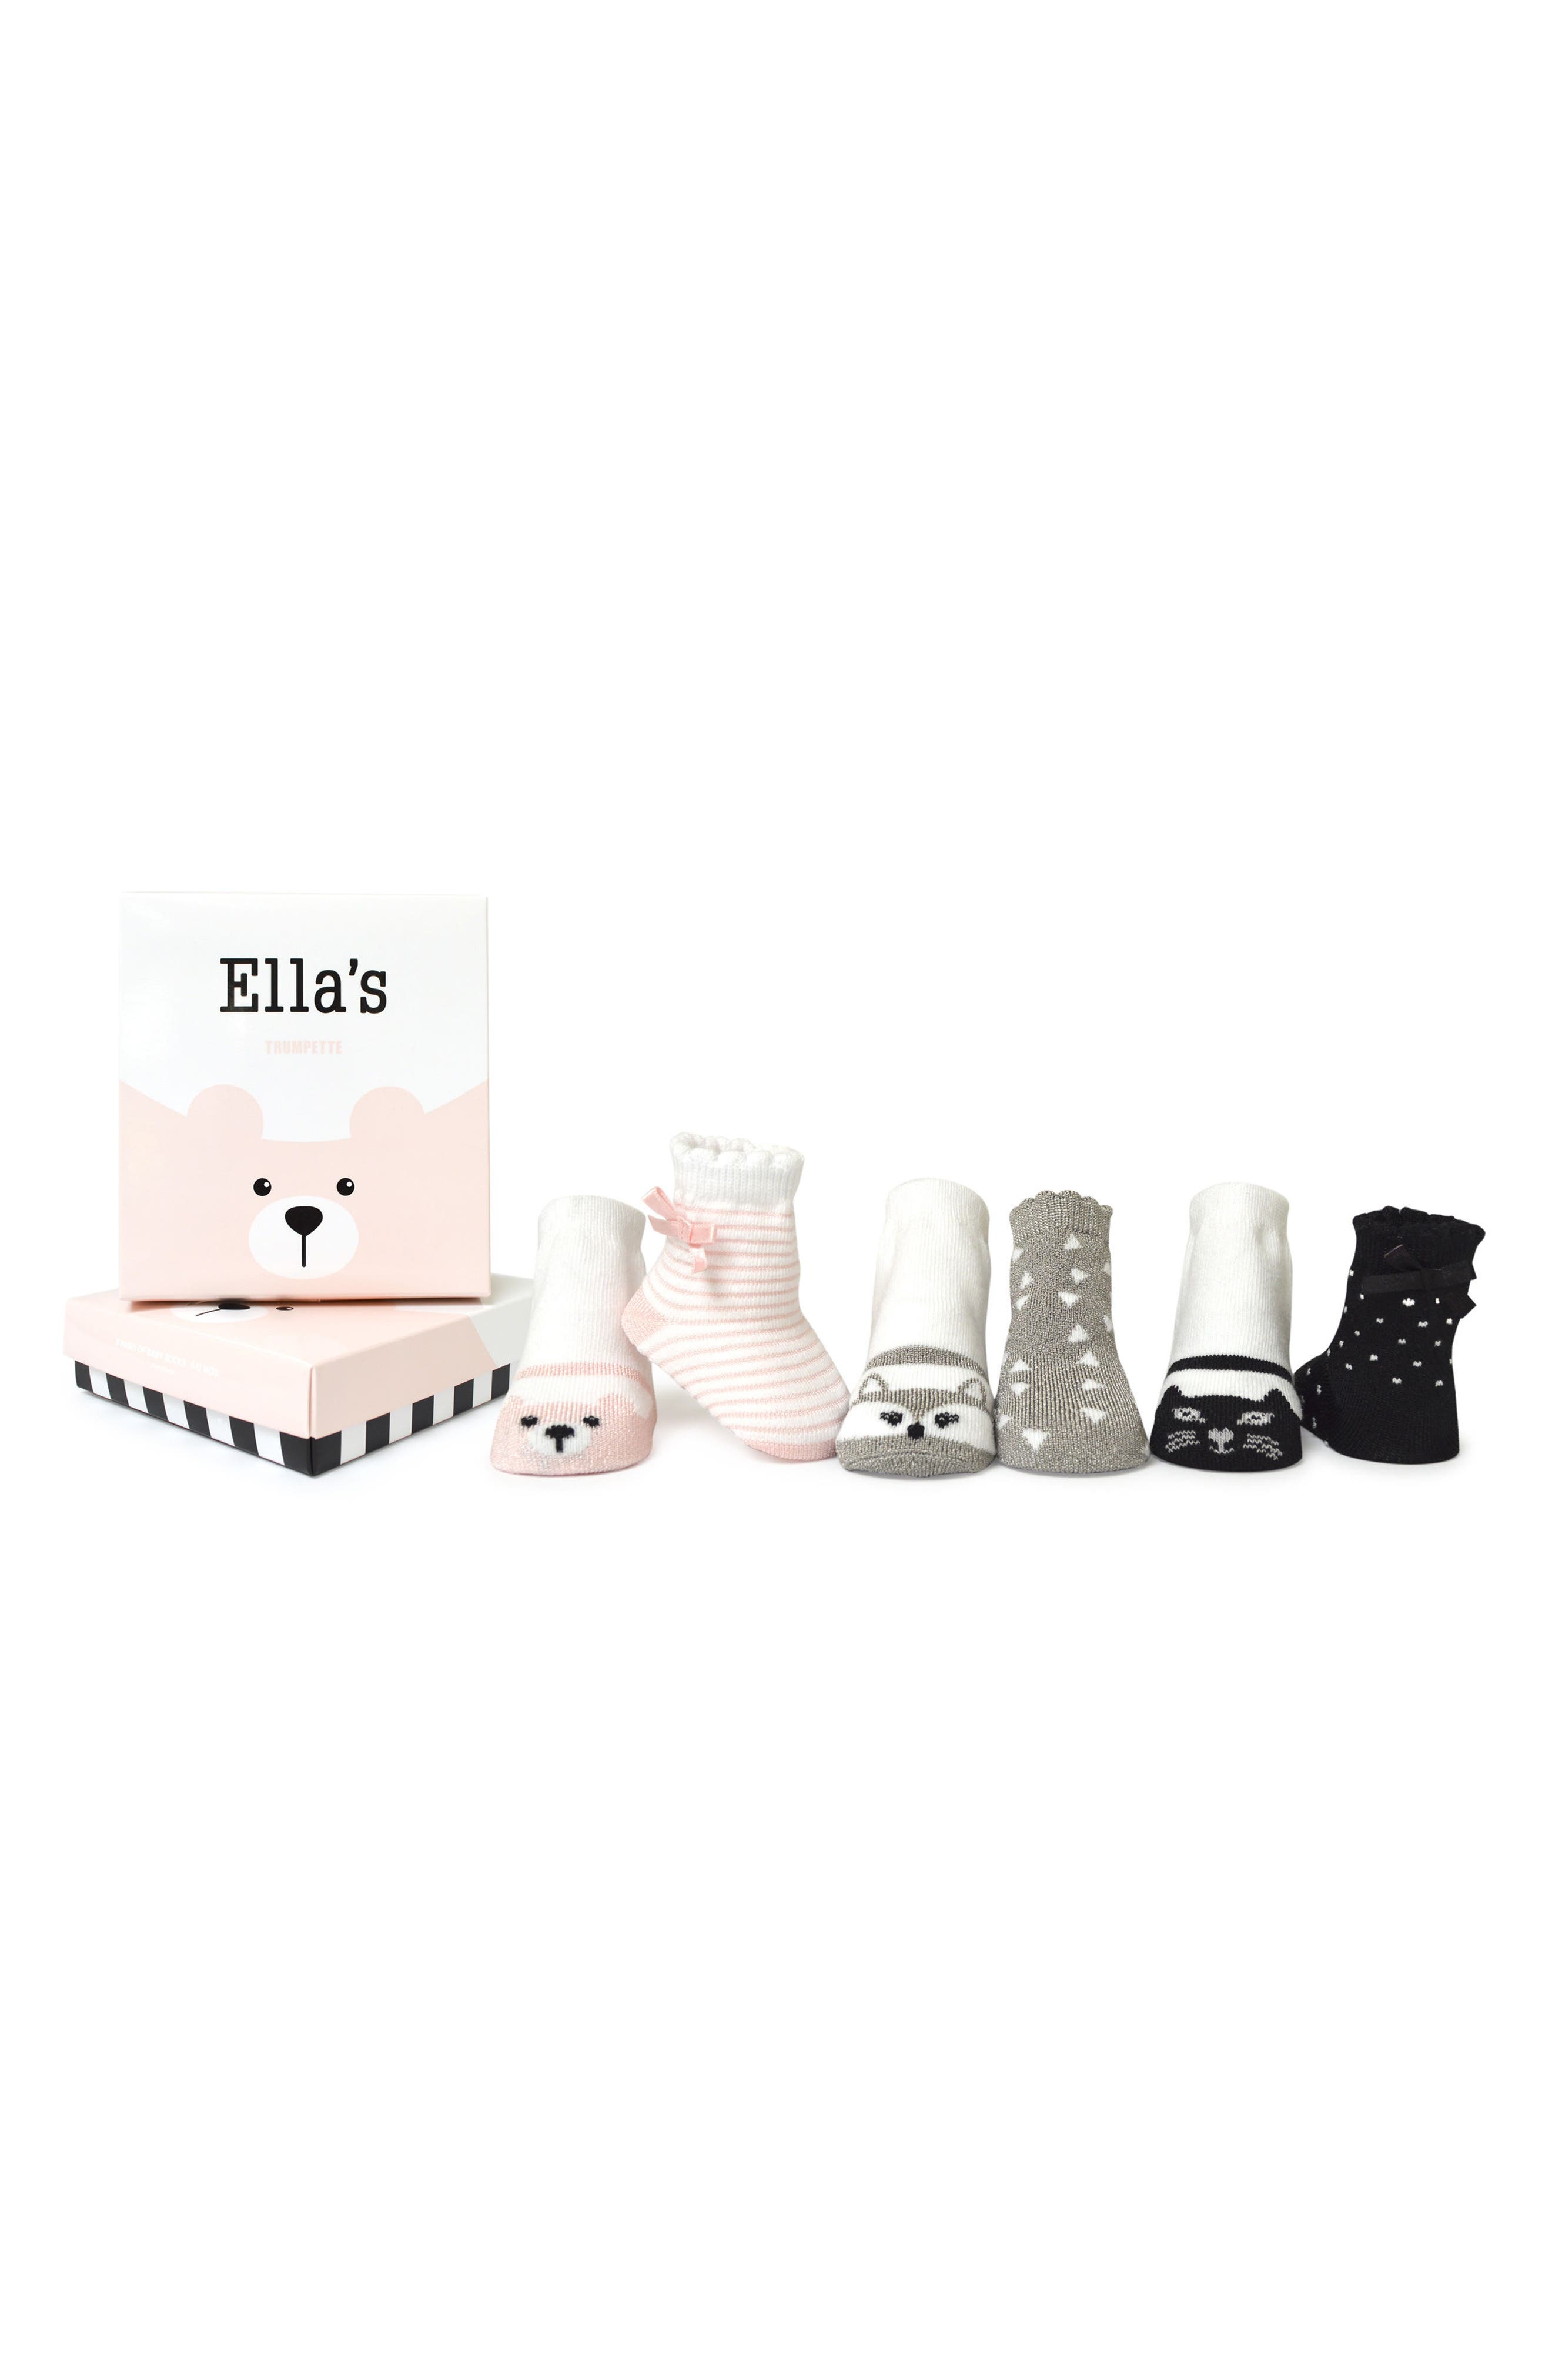 Ella's 6-Pack Socks,                         Main,                         color, 100